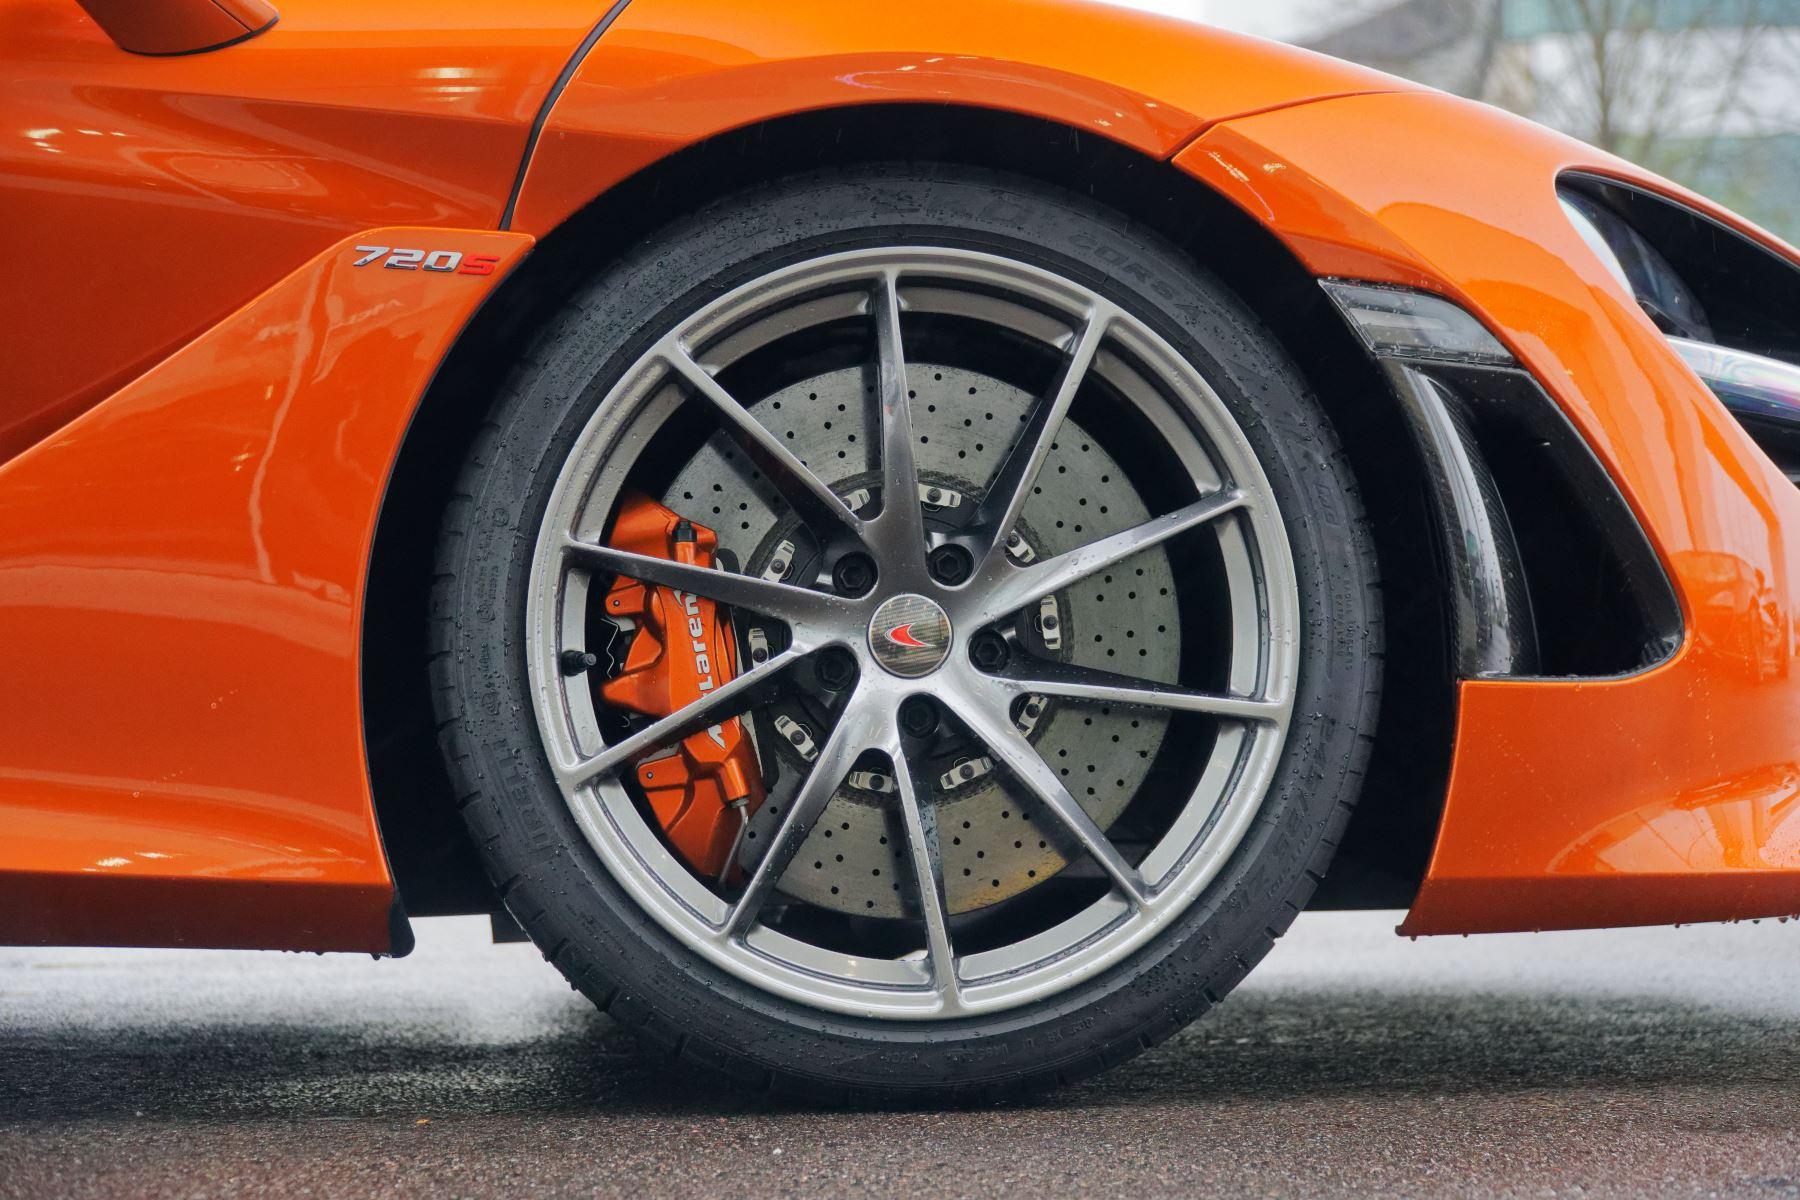 McLaren 720S Performance image 6